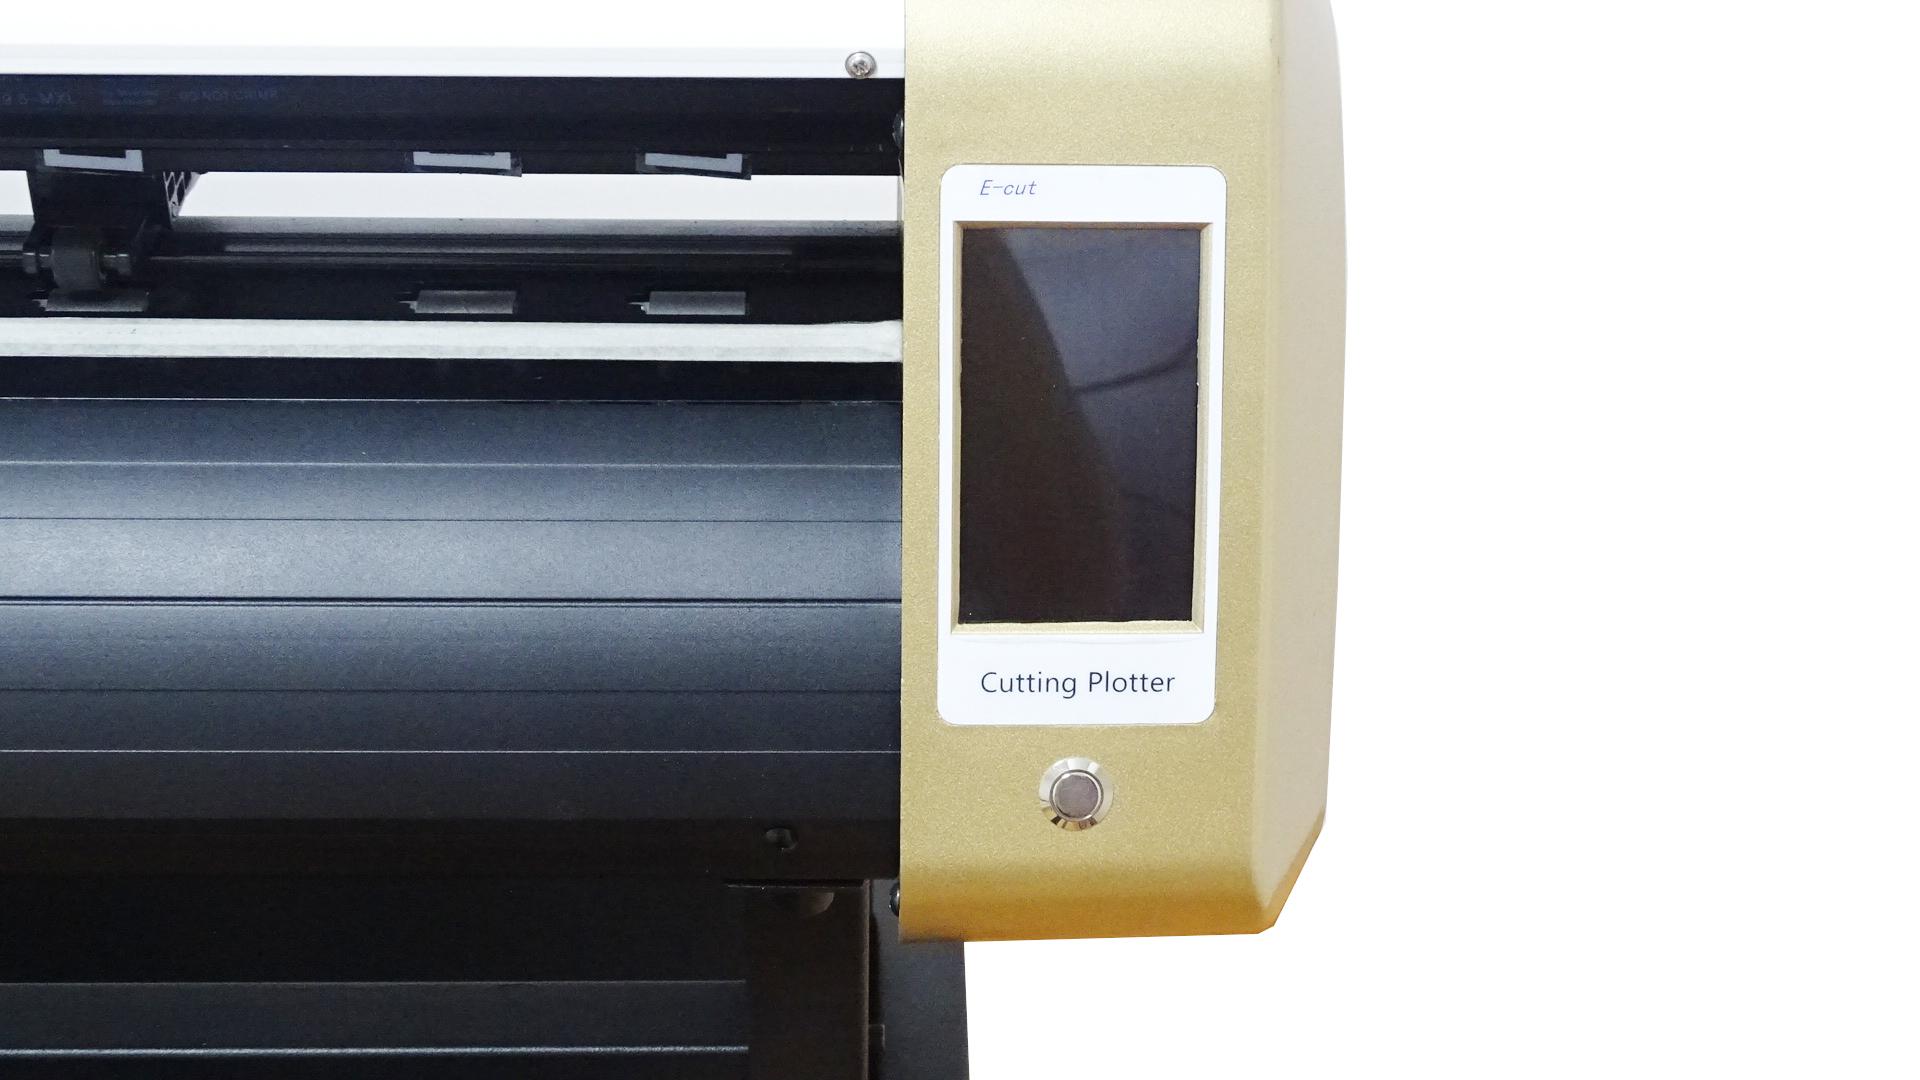 Сенсорный экран автоматический контур с режущим плоттером камеры